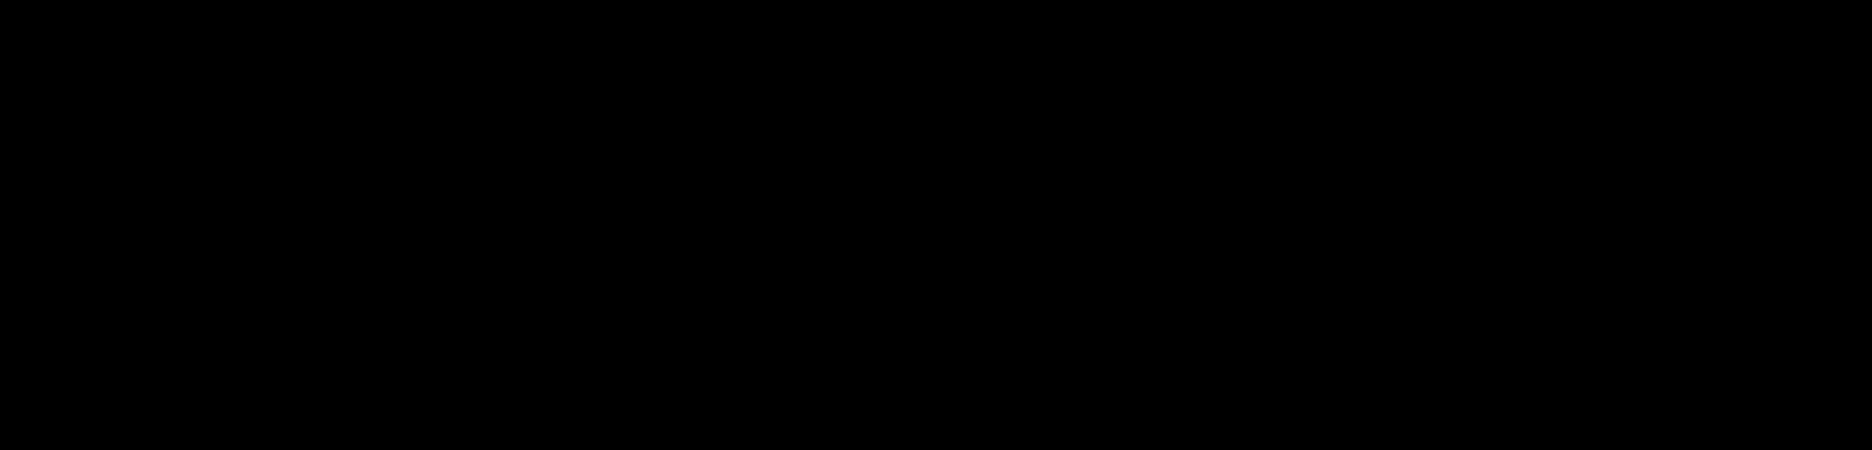 AudioCARE